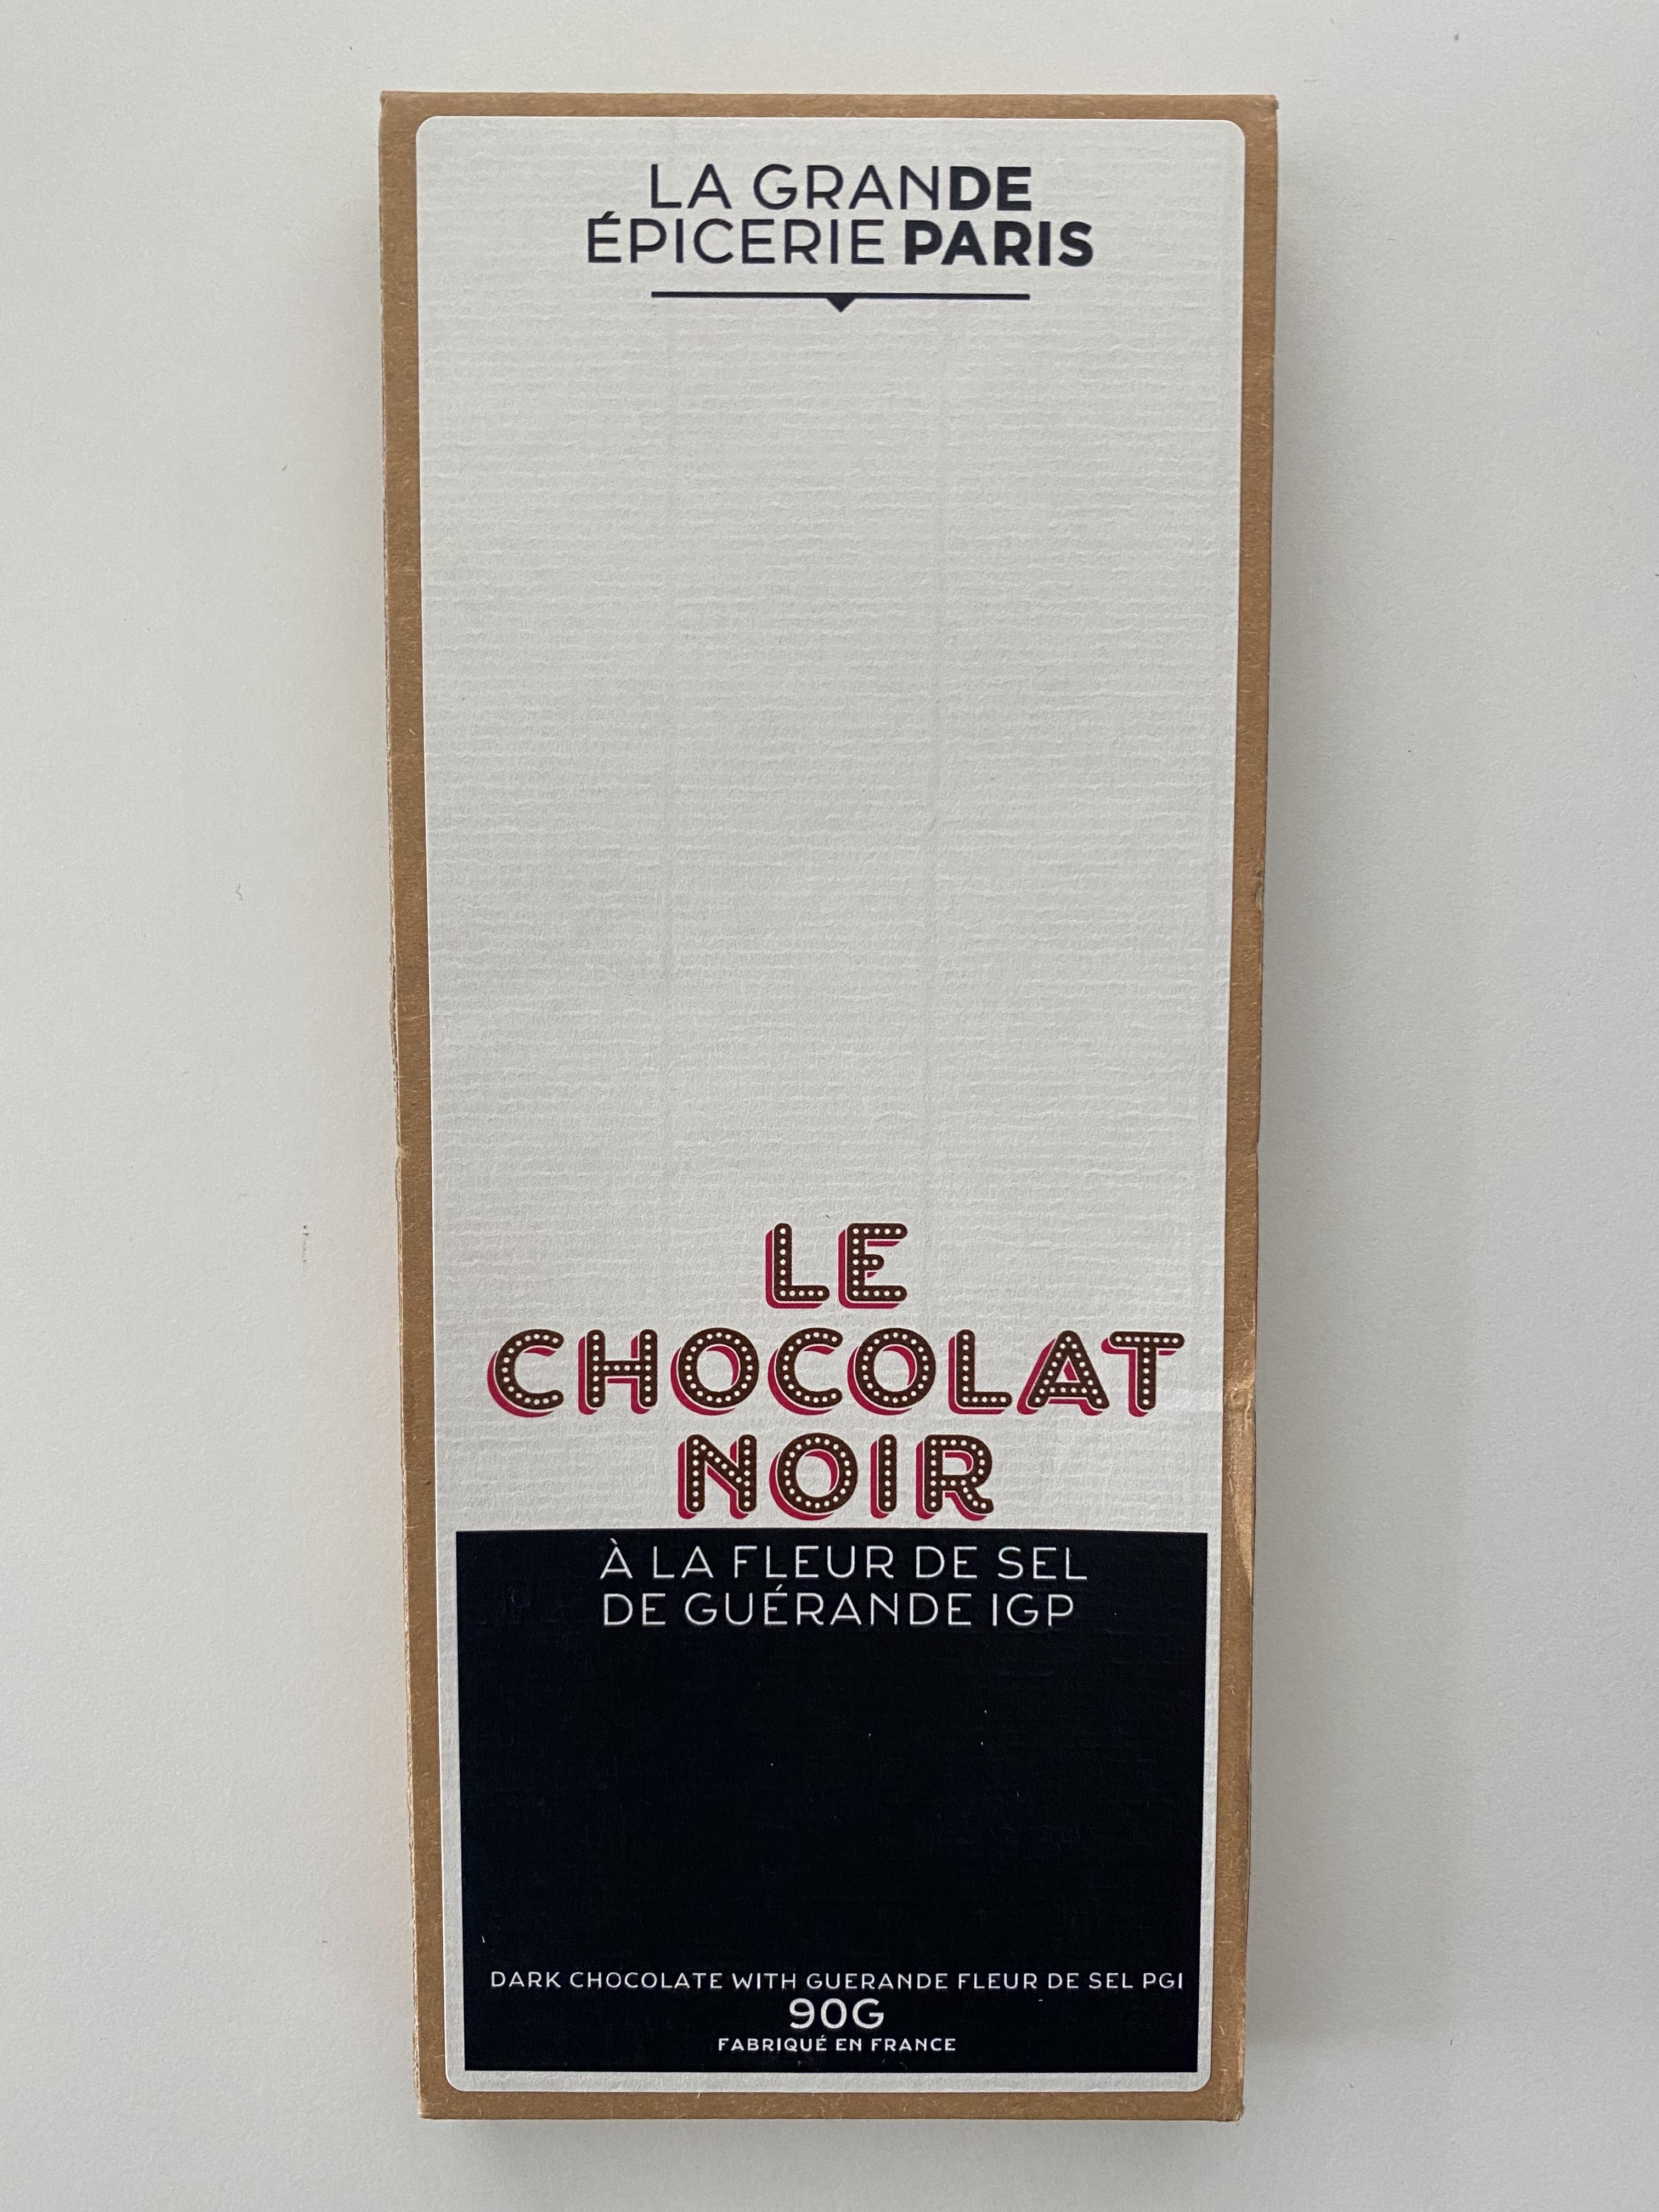 Tablette de chocolat noir à la fleur de sel de Guérande IGP, La Grande Epicerie de Paris (90 g)